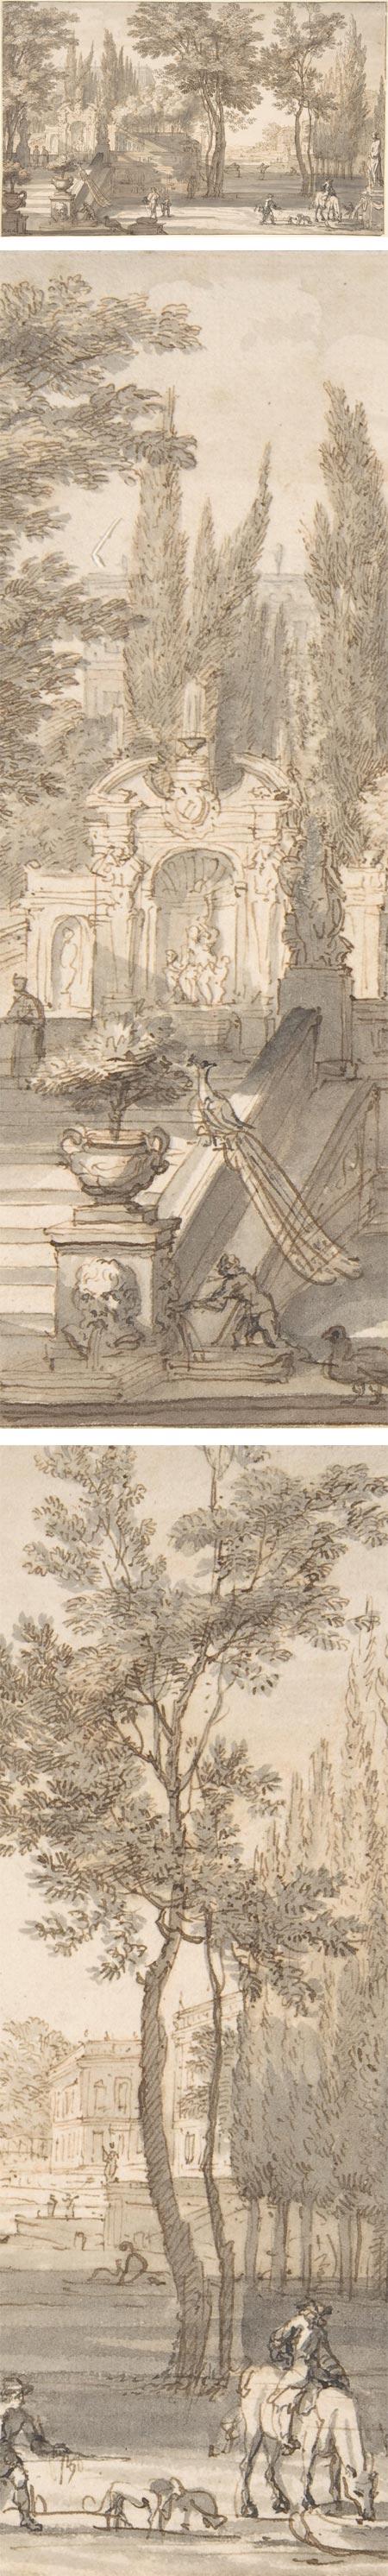 Classical Landscape, Isaac de Moucheron